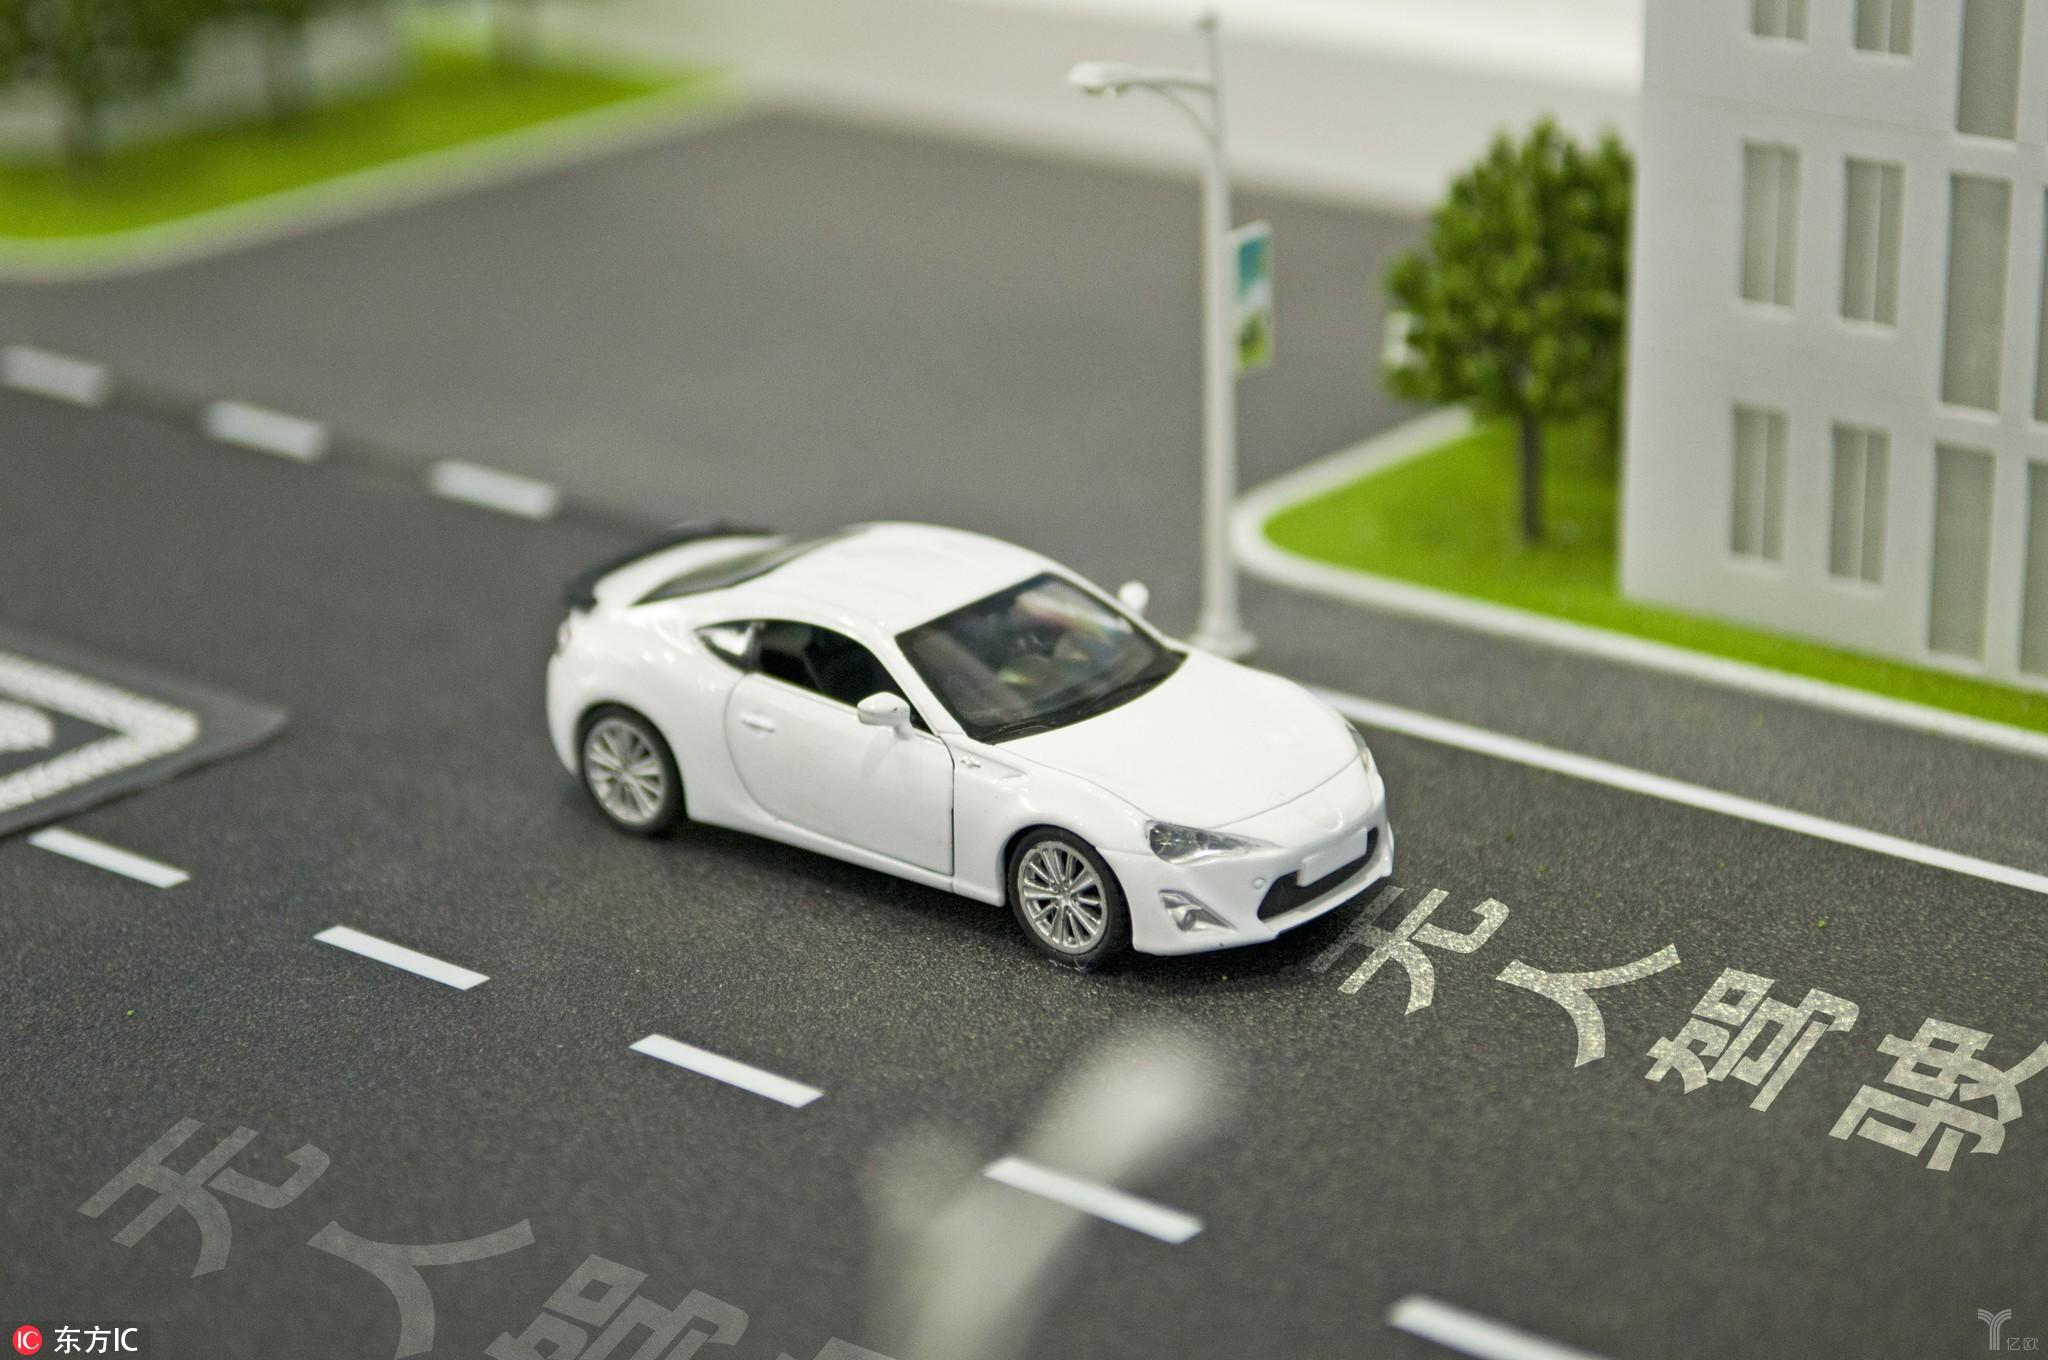 无人驾驶,无人驾驶,智慧物流,自动驾驶,Uber